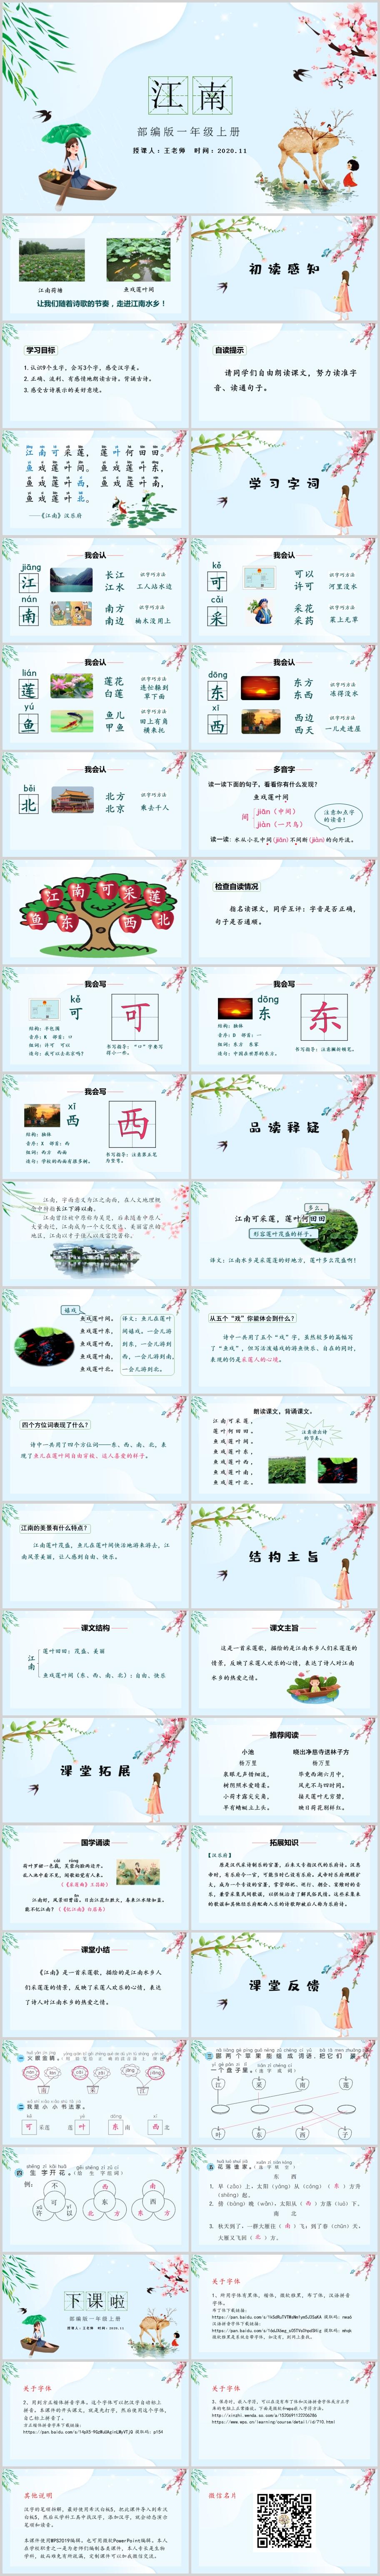 江南all.jpg